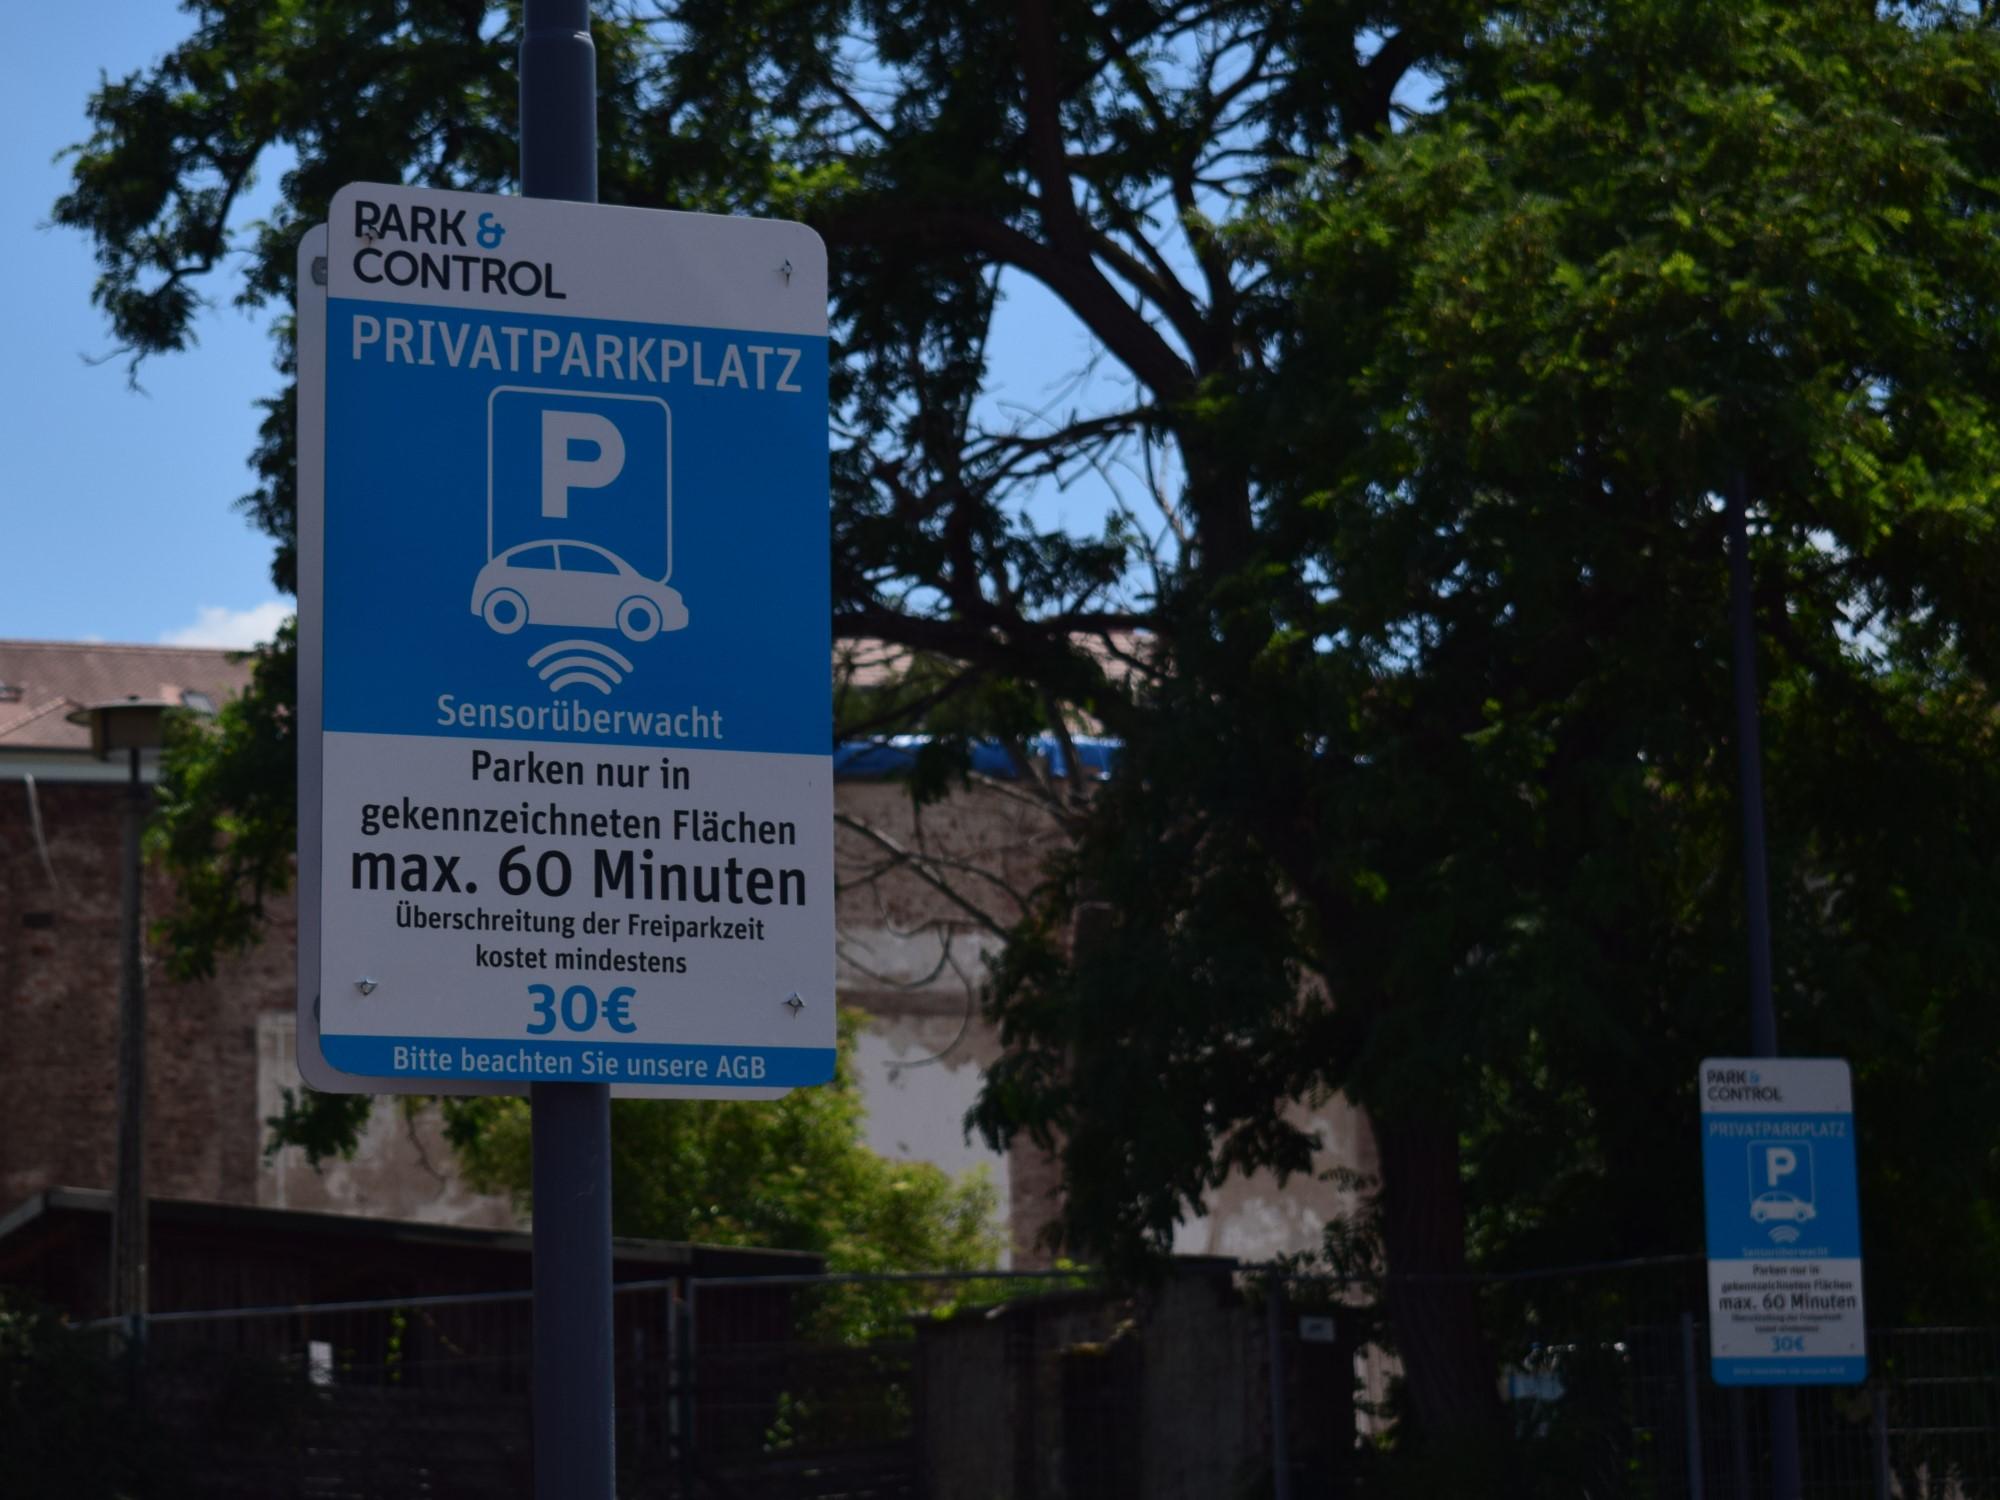 lidl parkplatz schilder